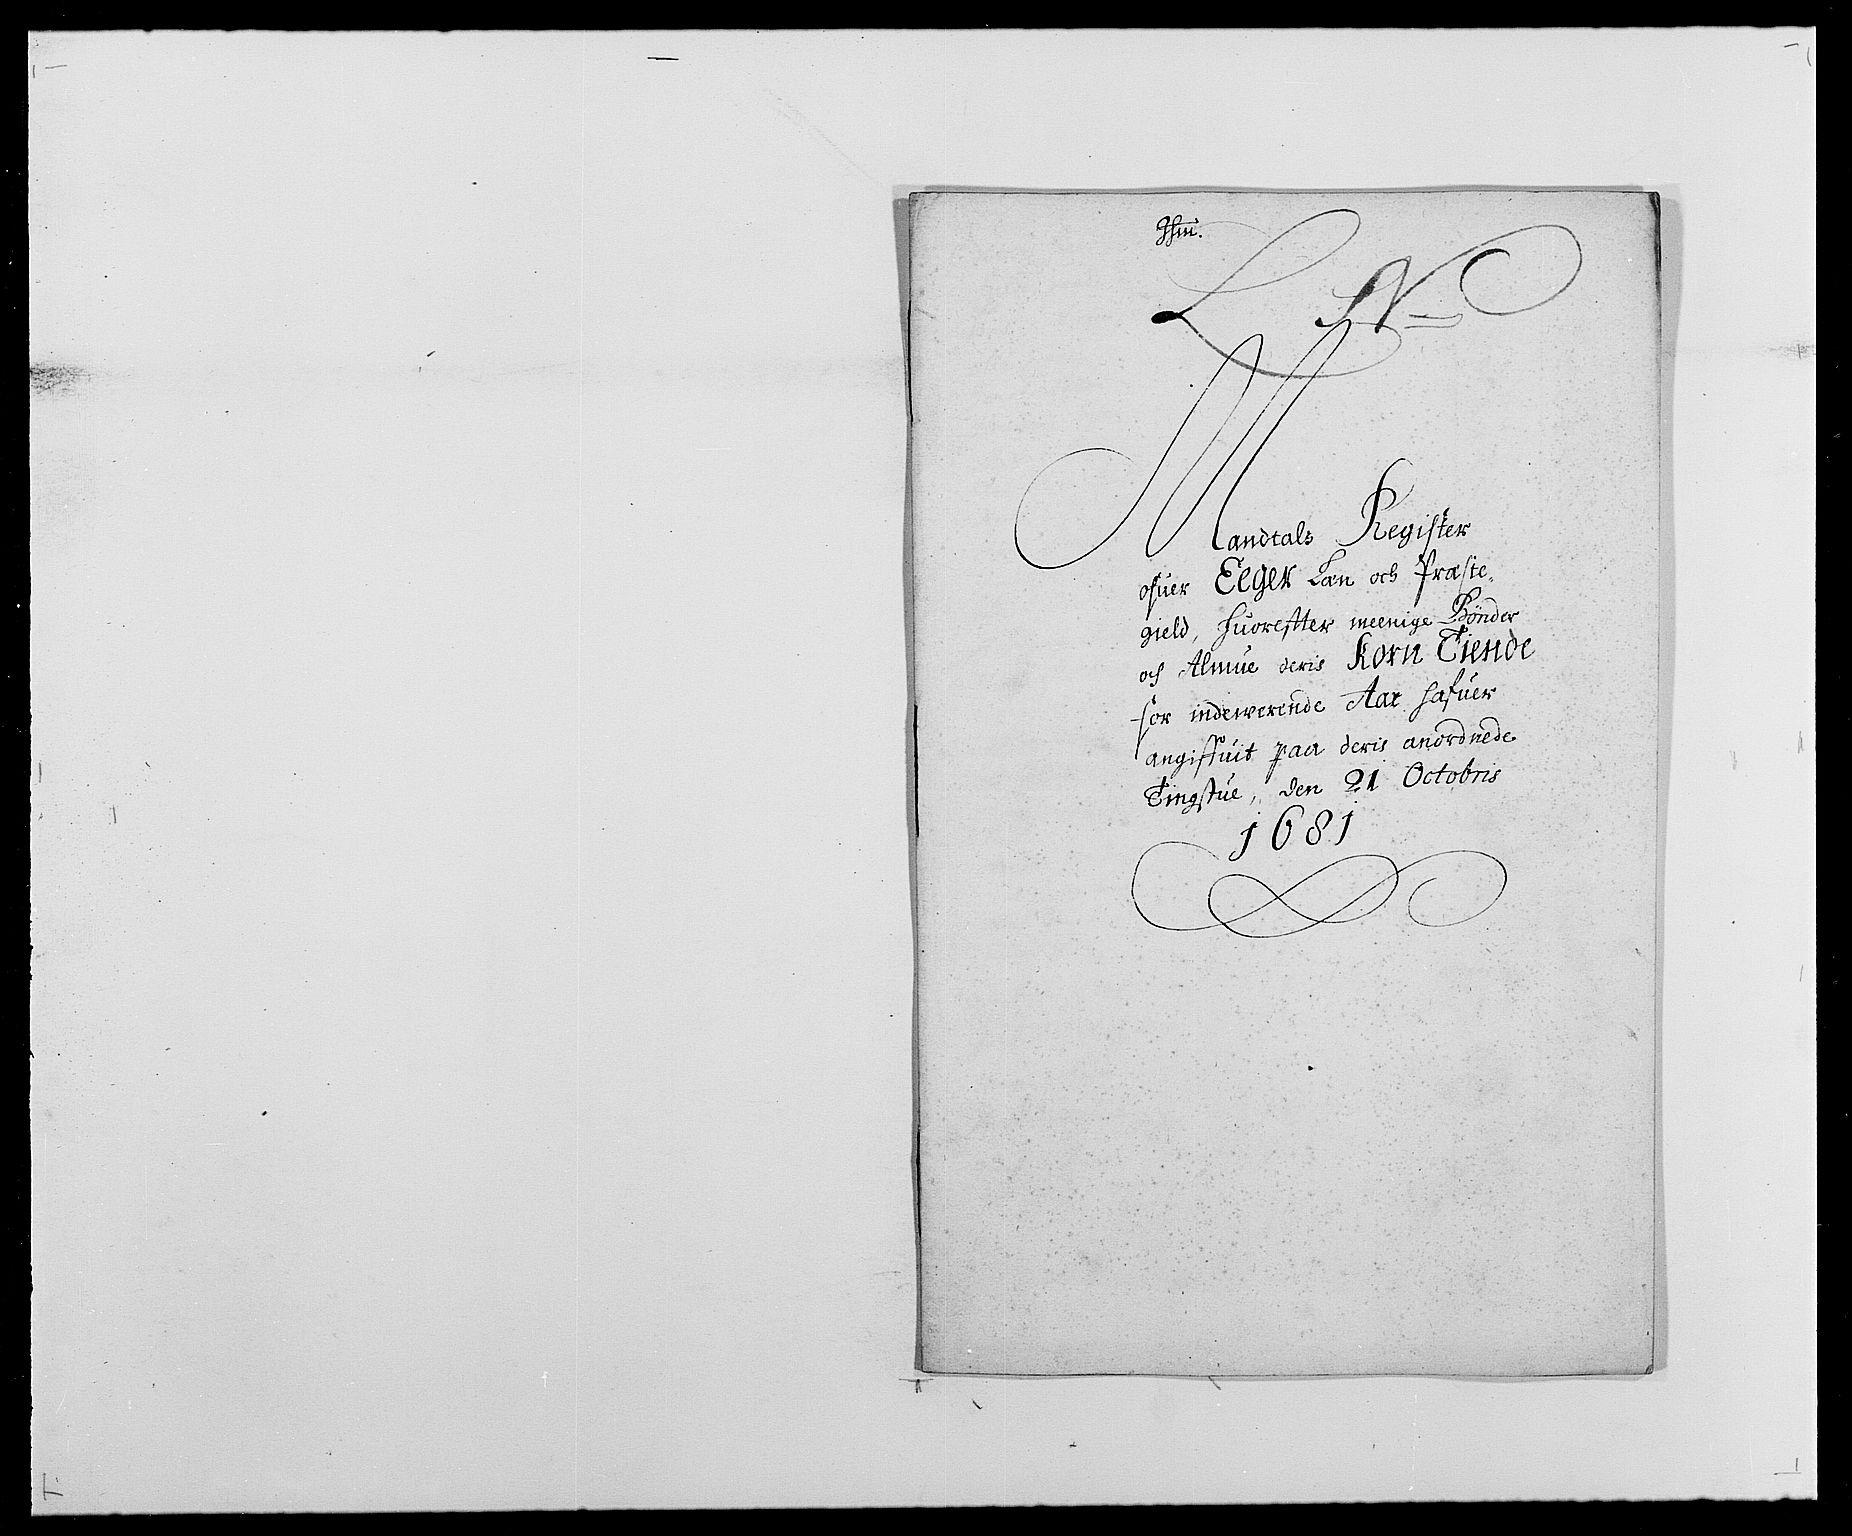 RA, Rentekammeret inntil 1814, Reviderte regnskaper, Fogderegnskap, R26/L1684: Fogderegnskap Eiker, 1679-1686, s. 184